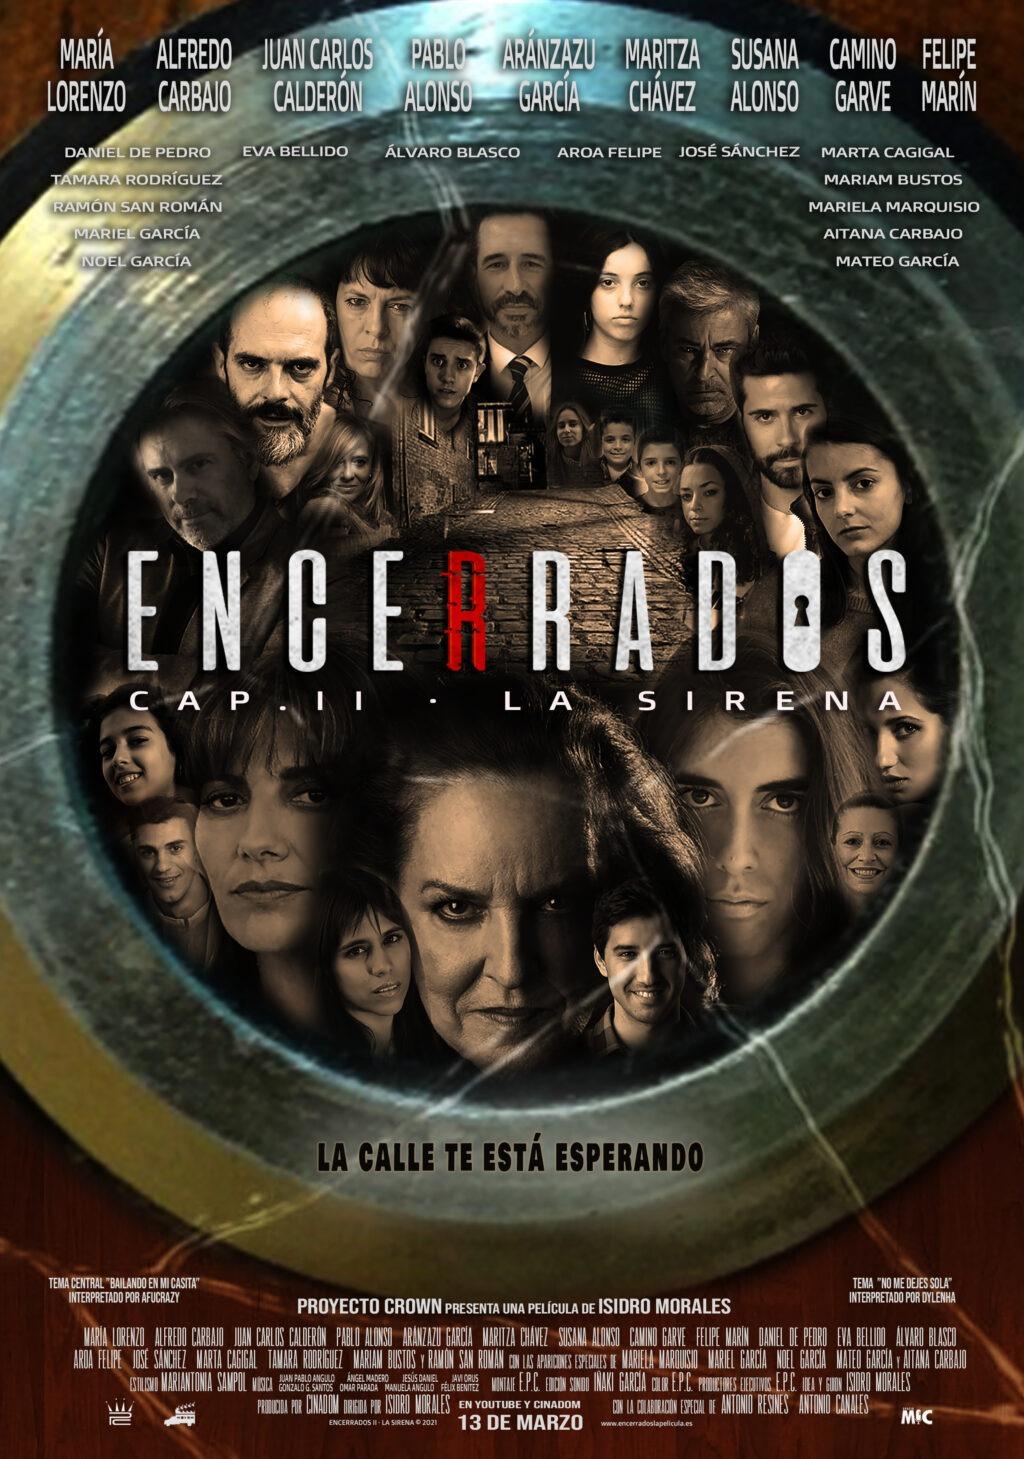 Presentación del poster oficial de la película Encerrados